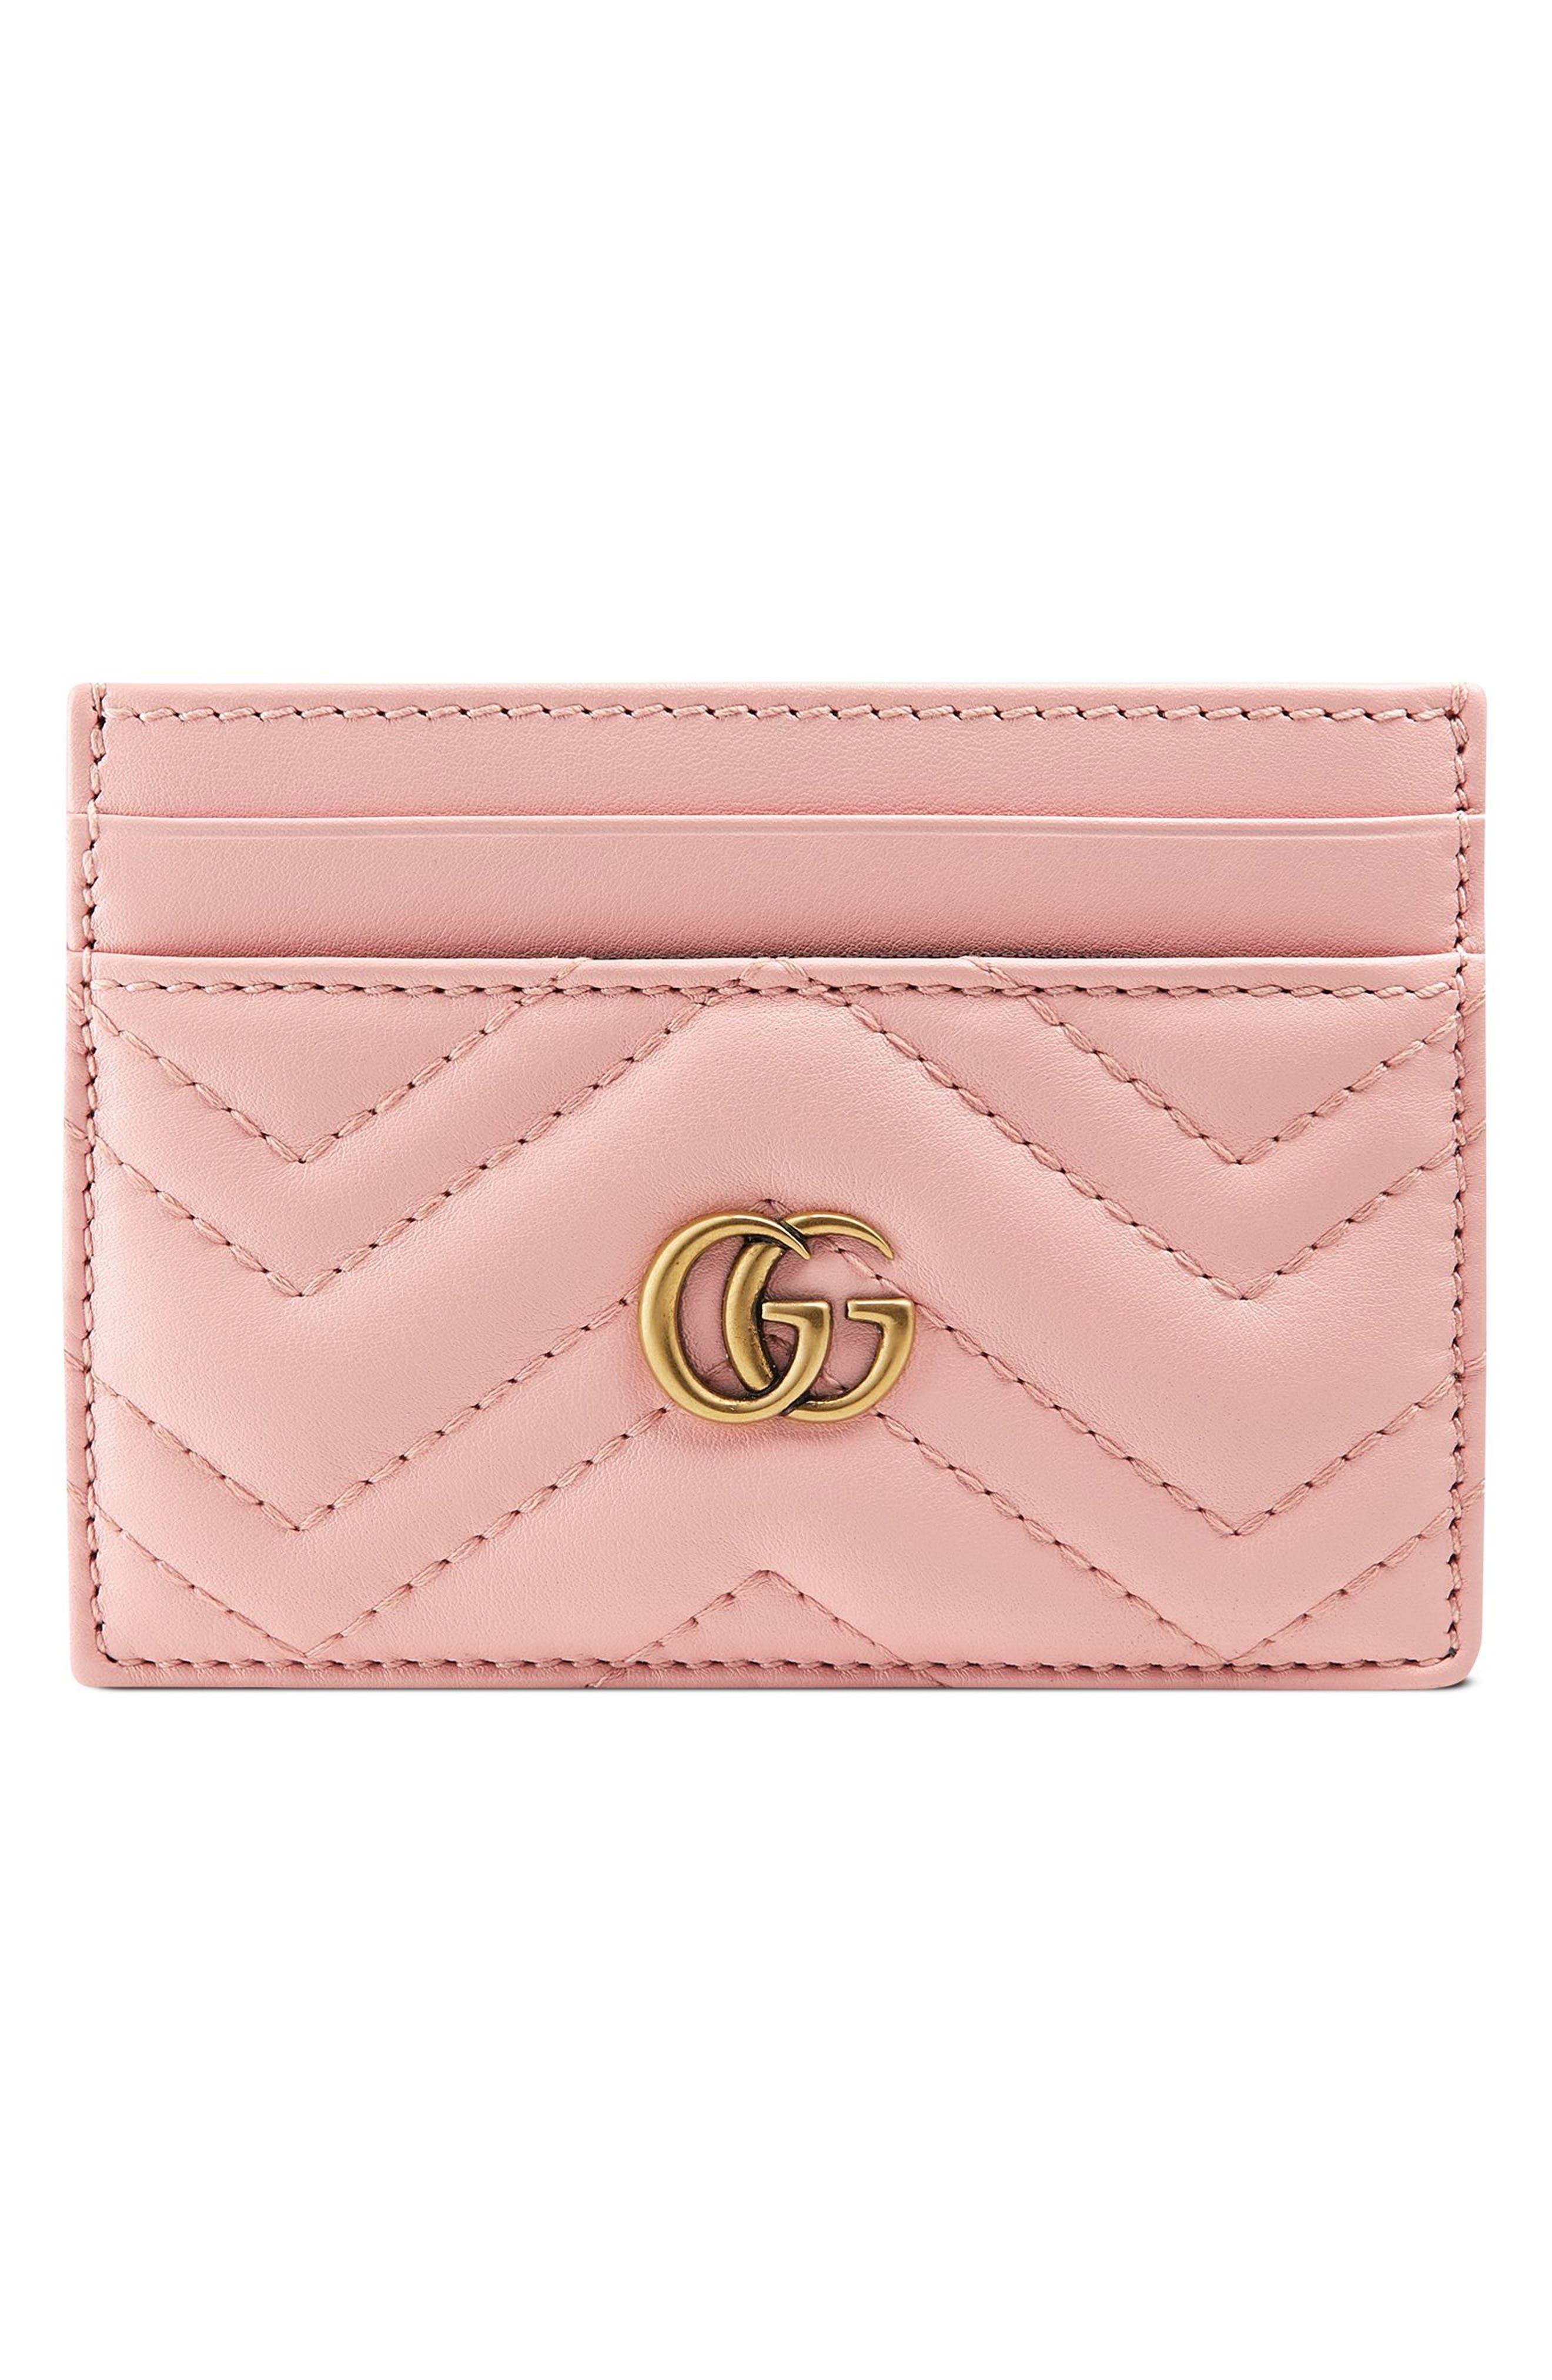 Gucci GG Marmont Matelassé Leather Card Case